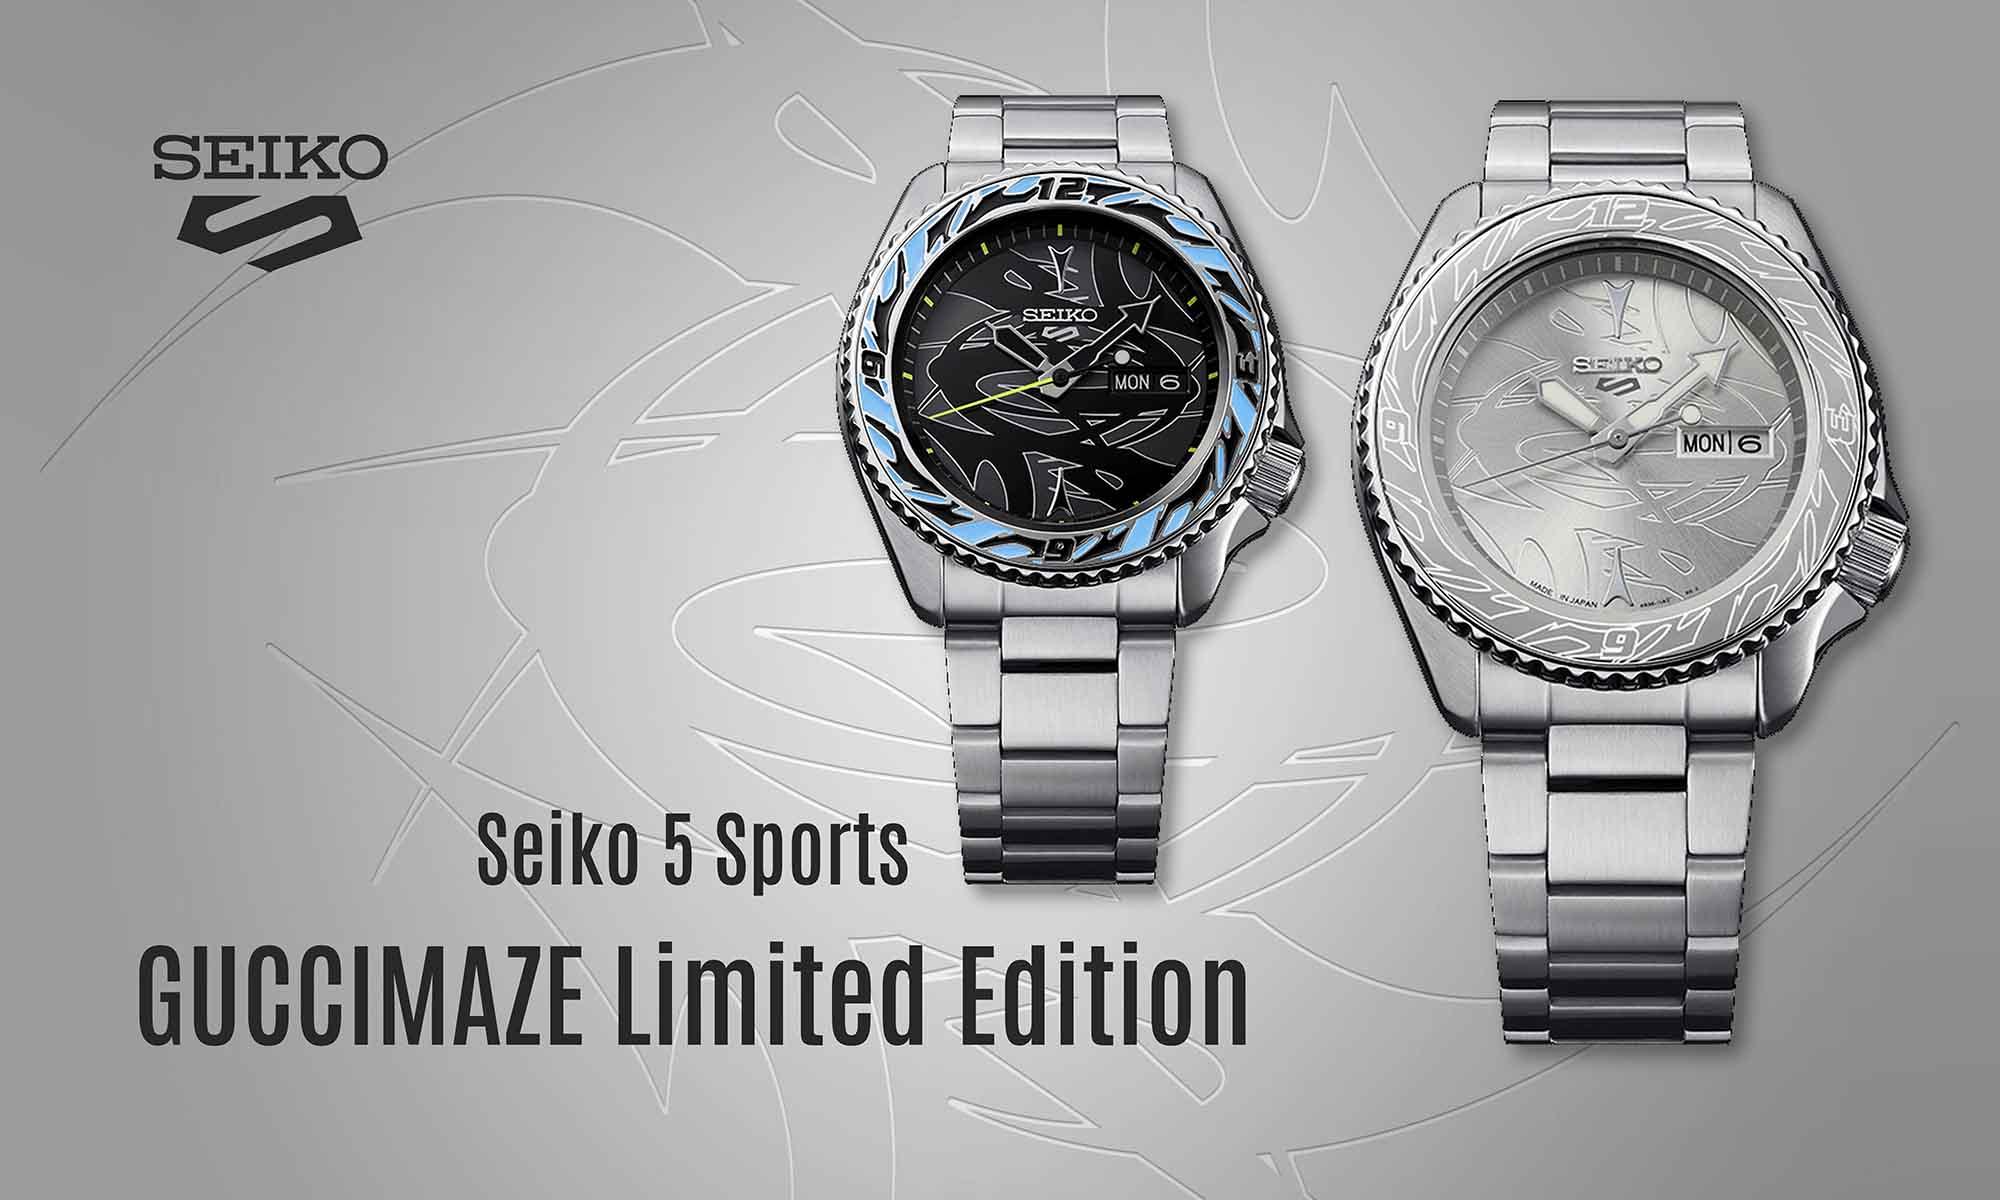 Seiko 5 Sports Guccimaze